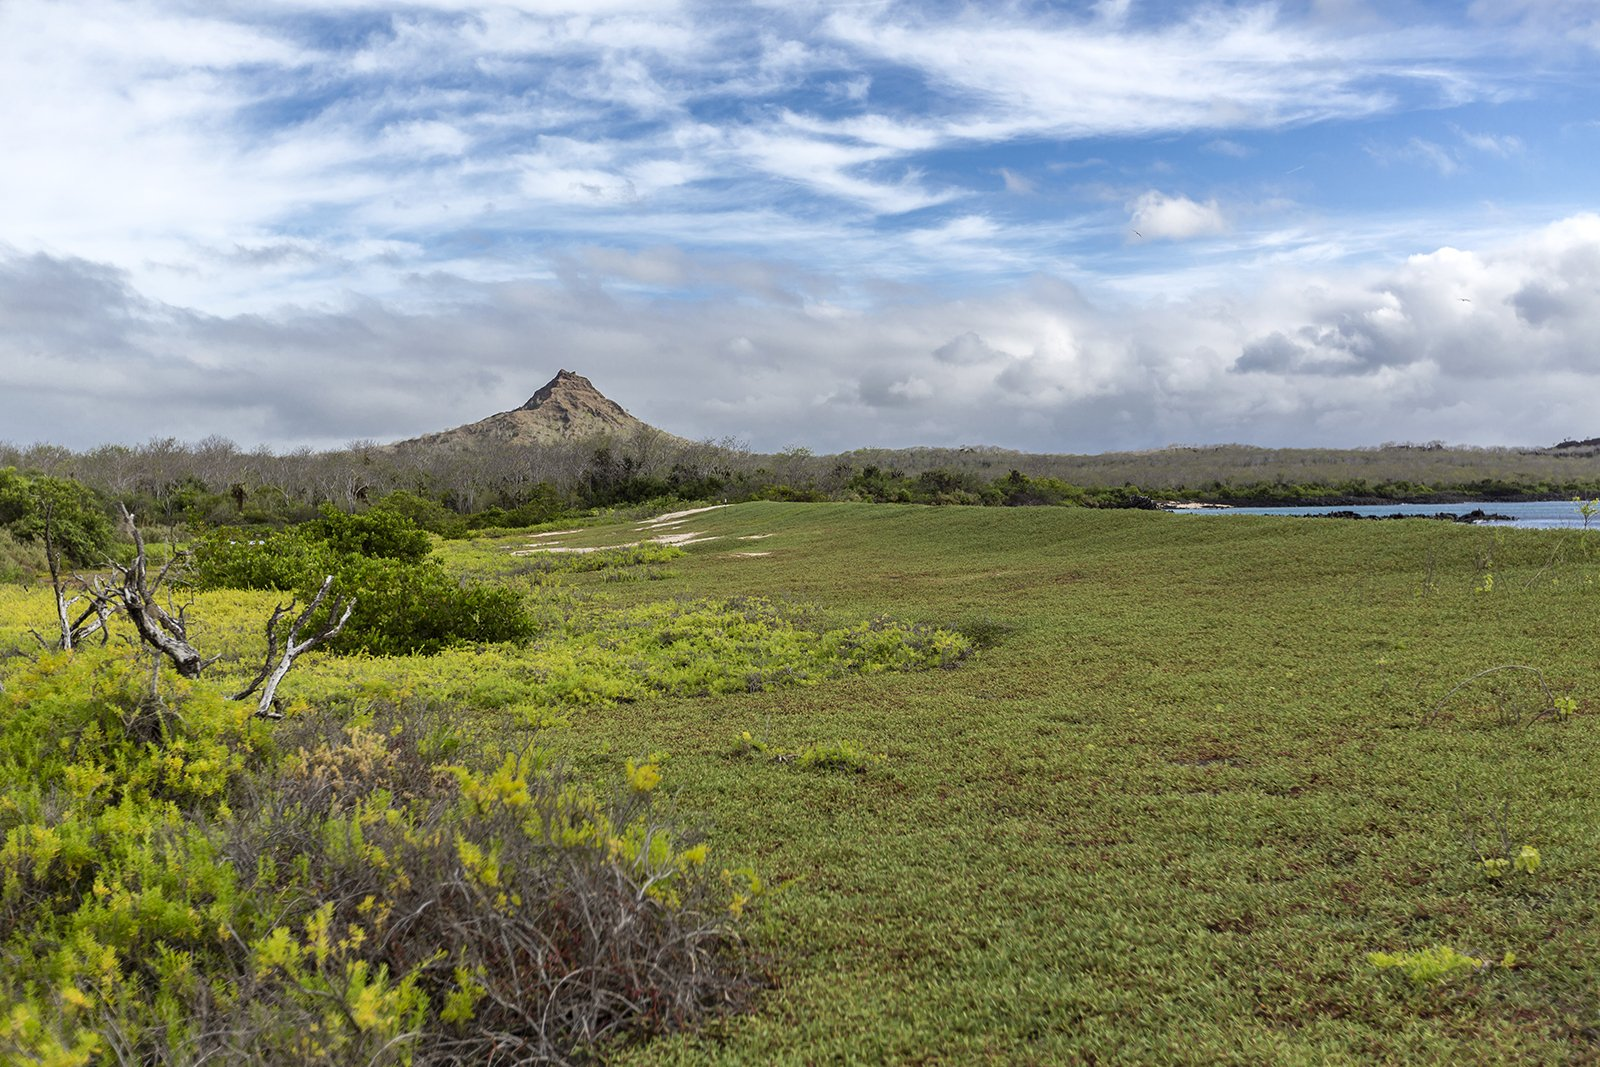 Der kleine Vulkan am Strand von Cerro Brujo auf der Galapagos-Insel San Cristóbal